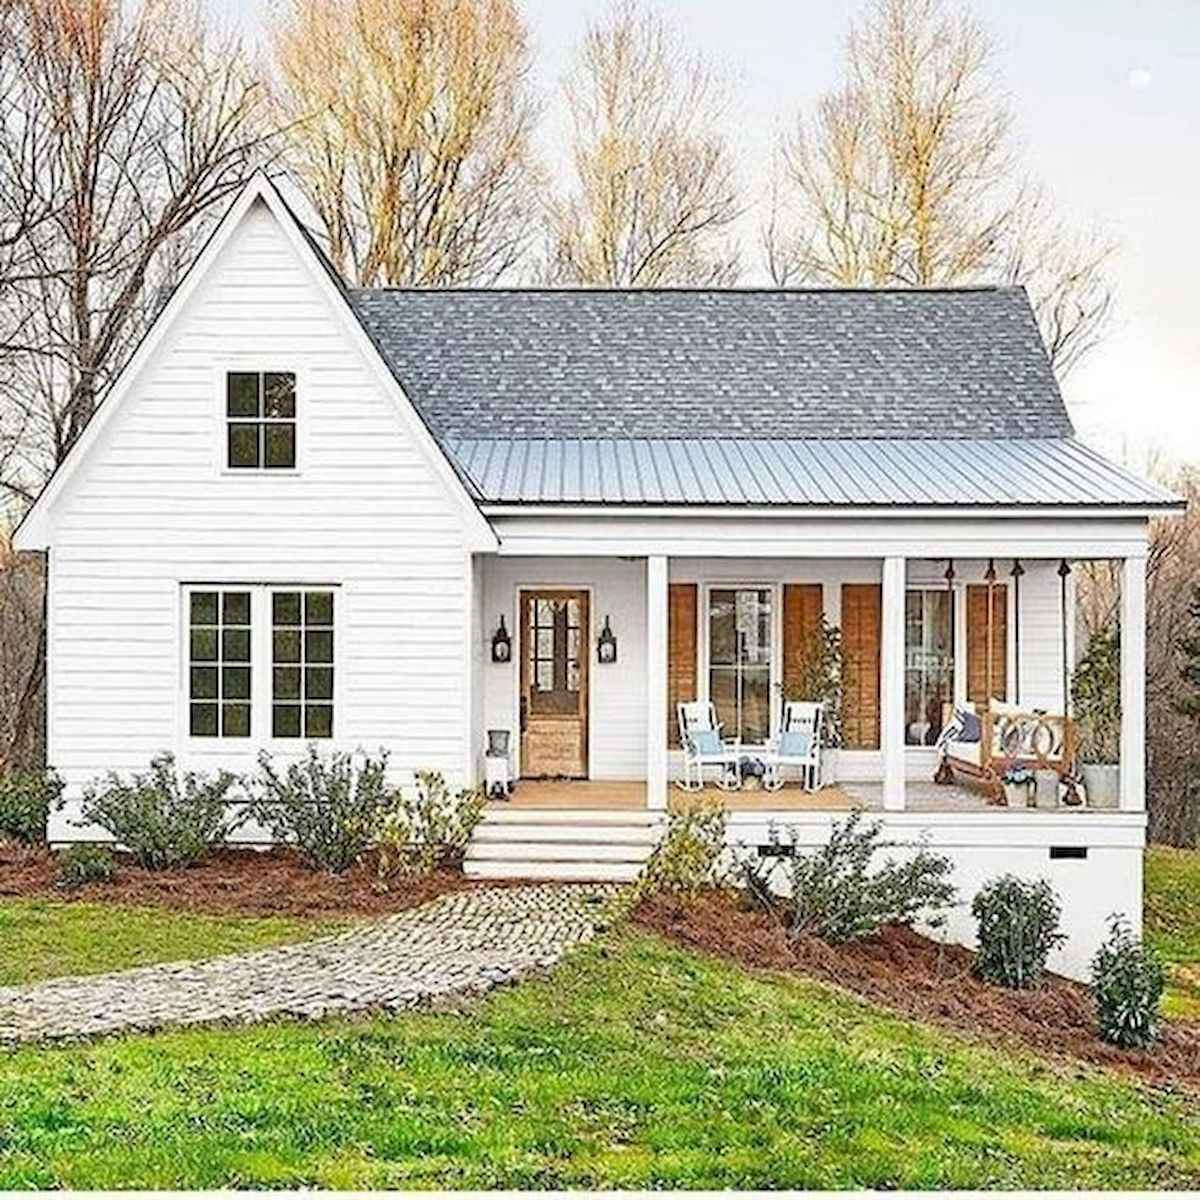 40 Stunning White Farmhouse Exterior Design Ideas (37)